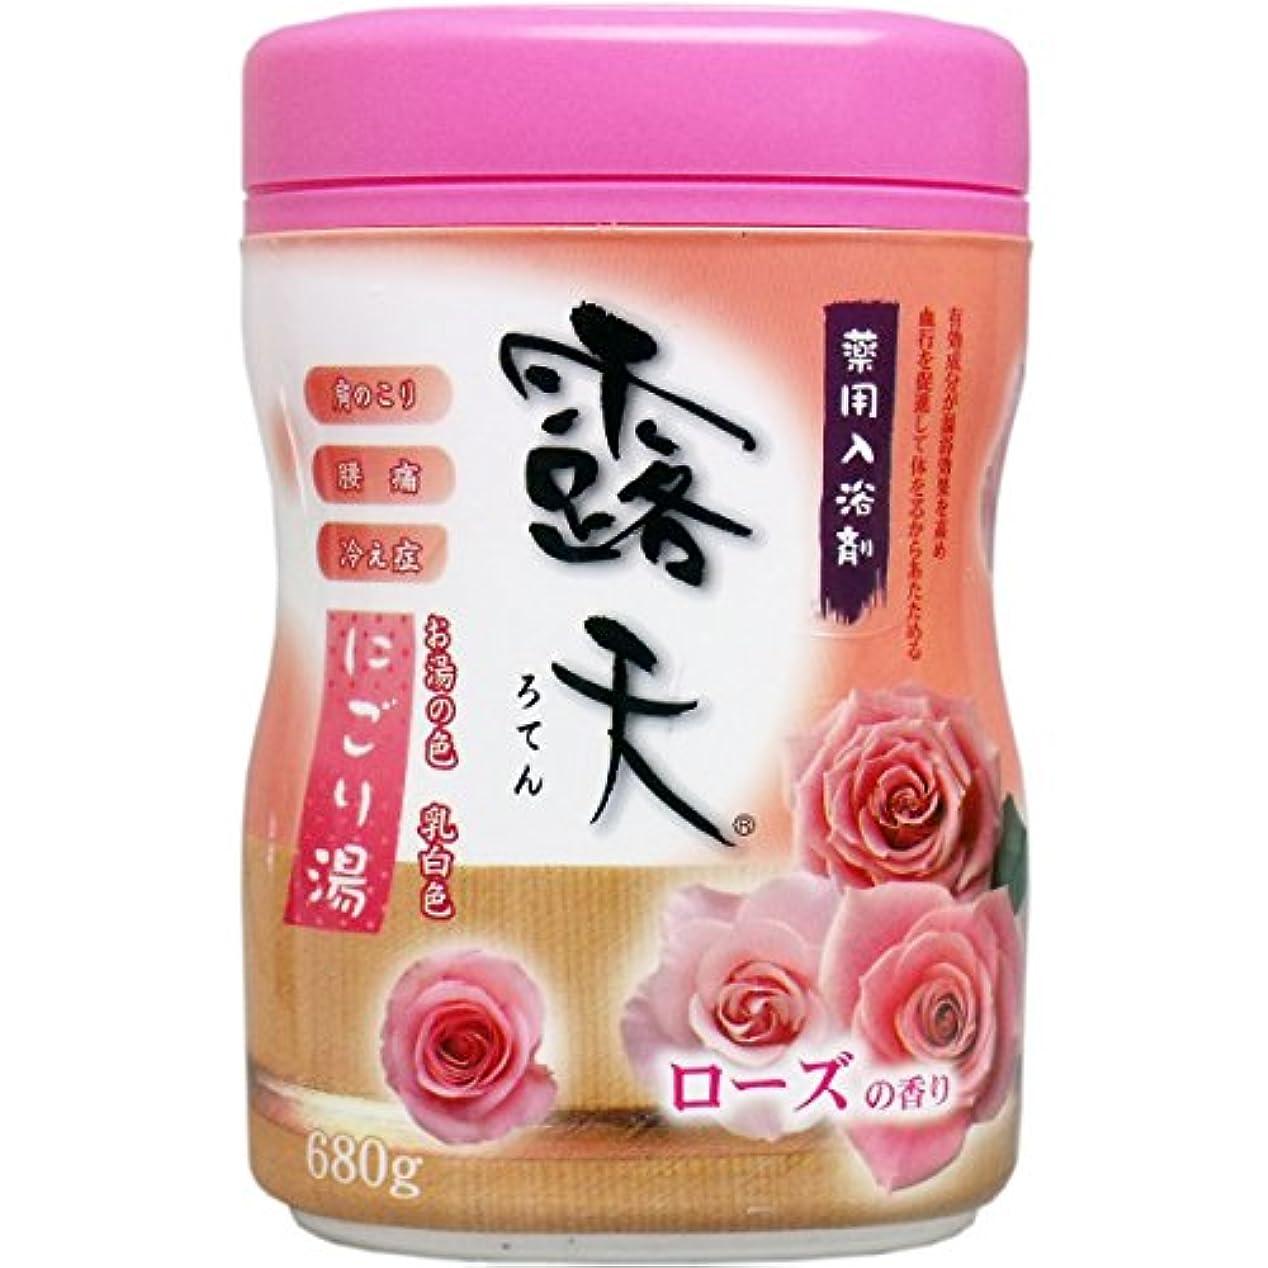 投資する素朴な本土薬用入浴剤 露天 にごり湯 ローズの香り 680g